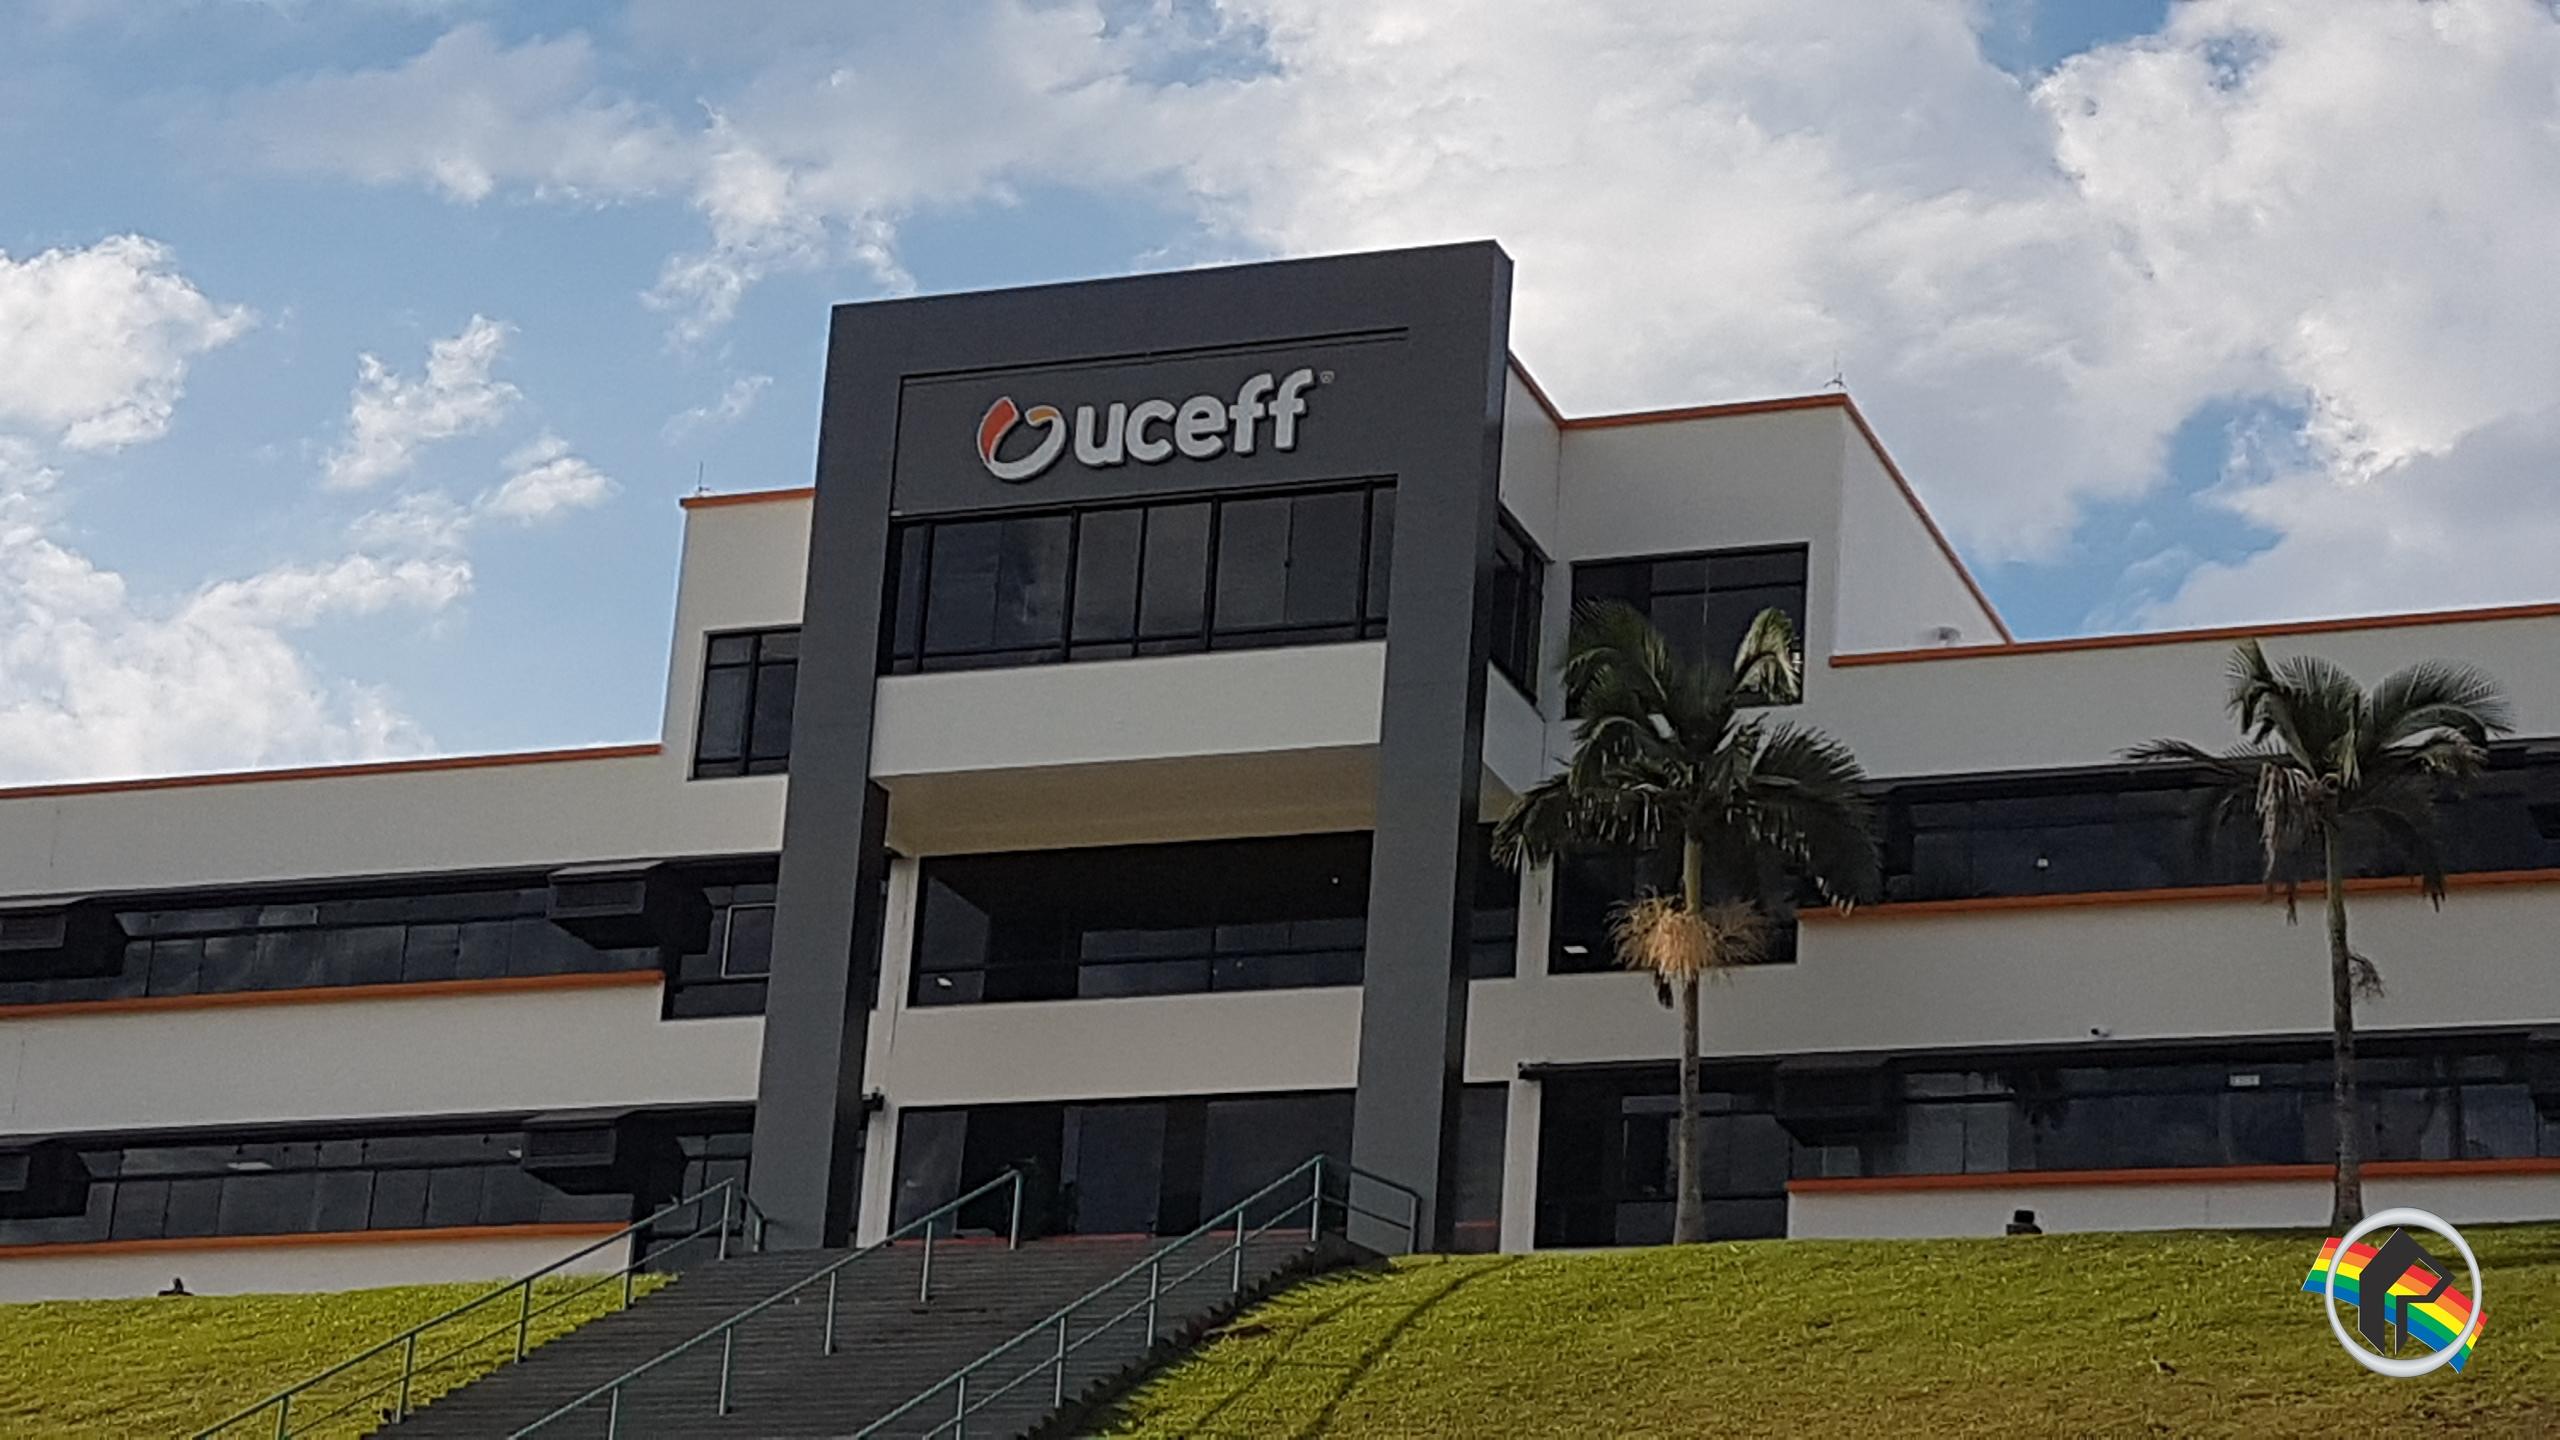 Uceff recebe conceito máximo para implantação do curso de odontologia